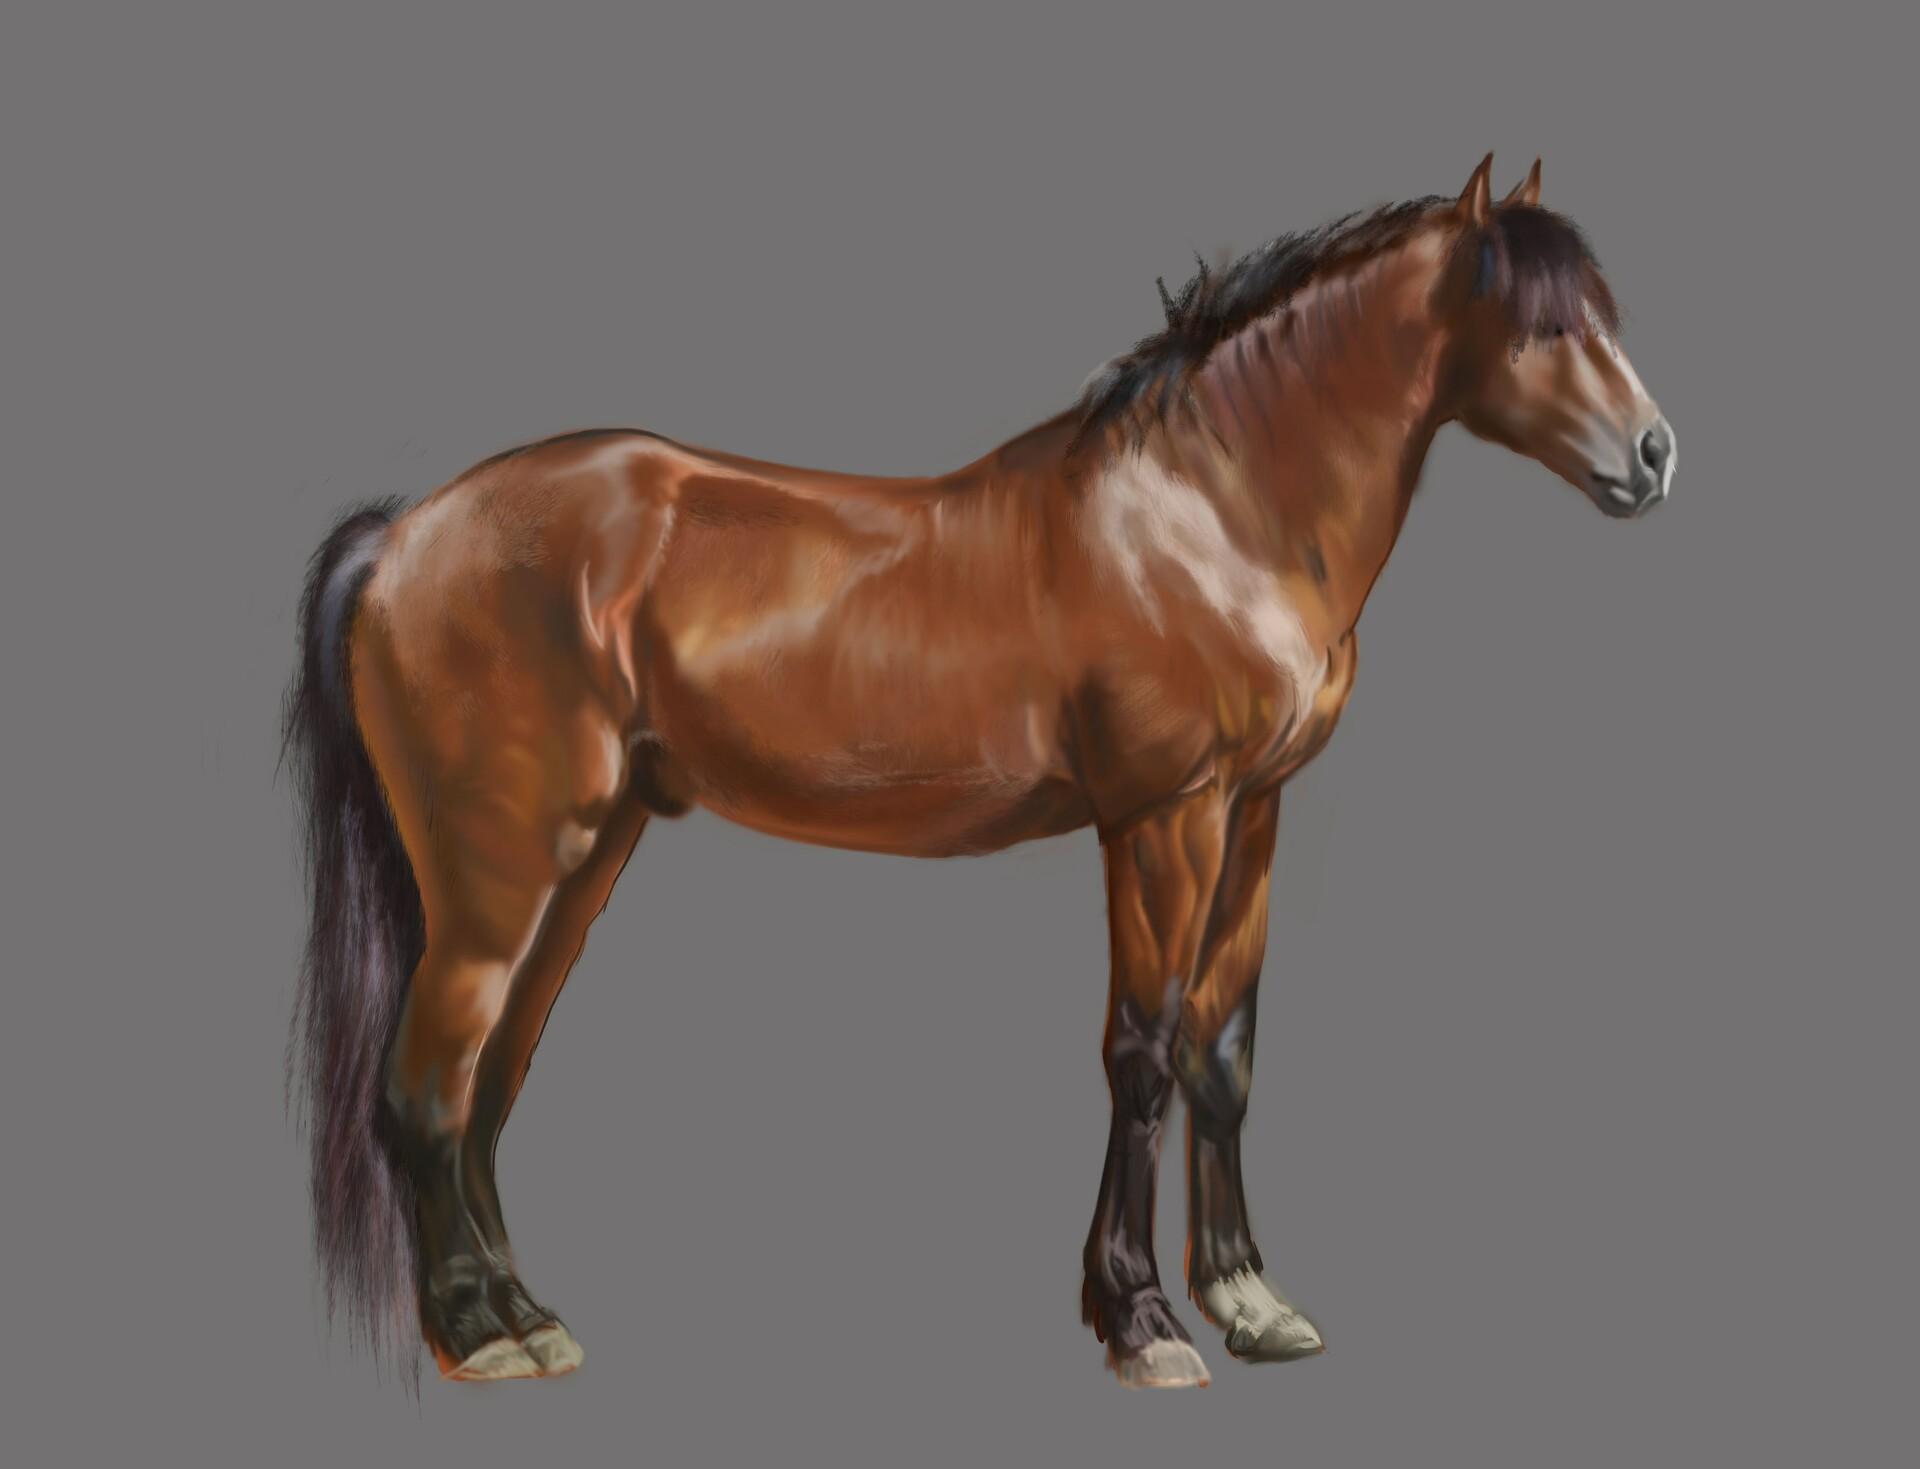 práctica de estudio de anatomía y color animal de un caballo